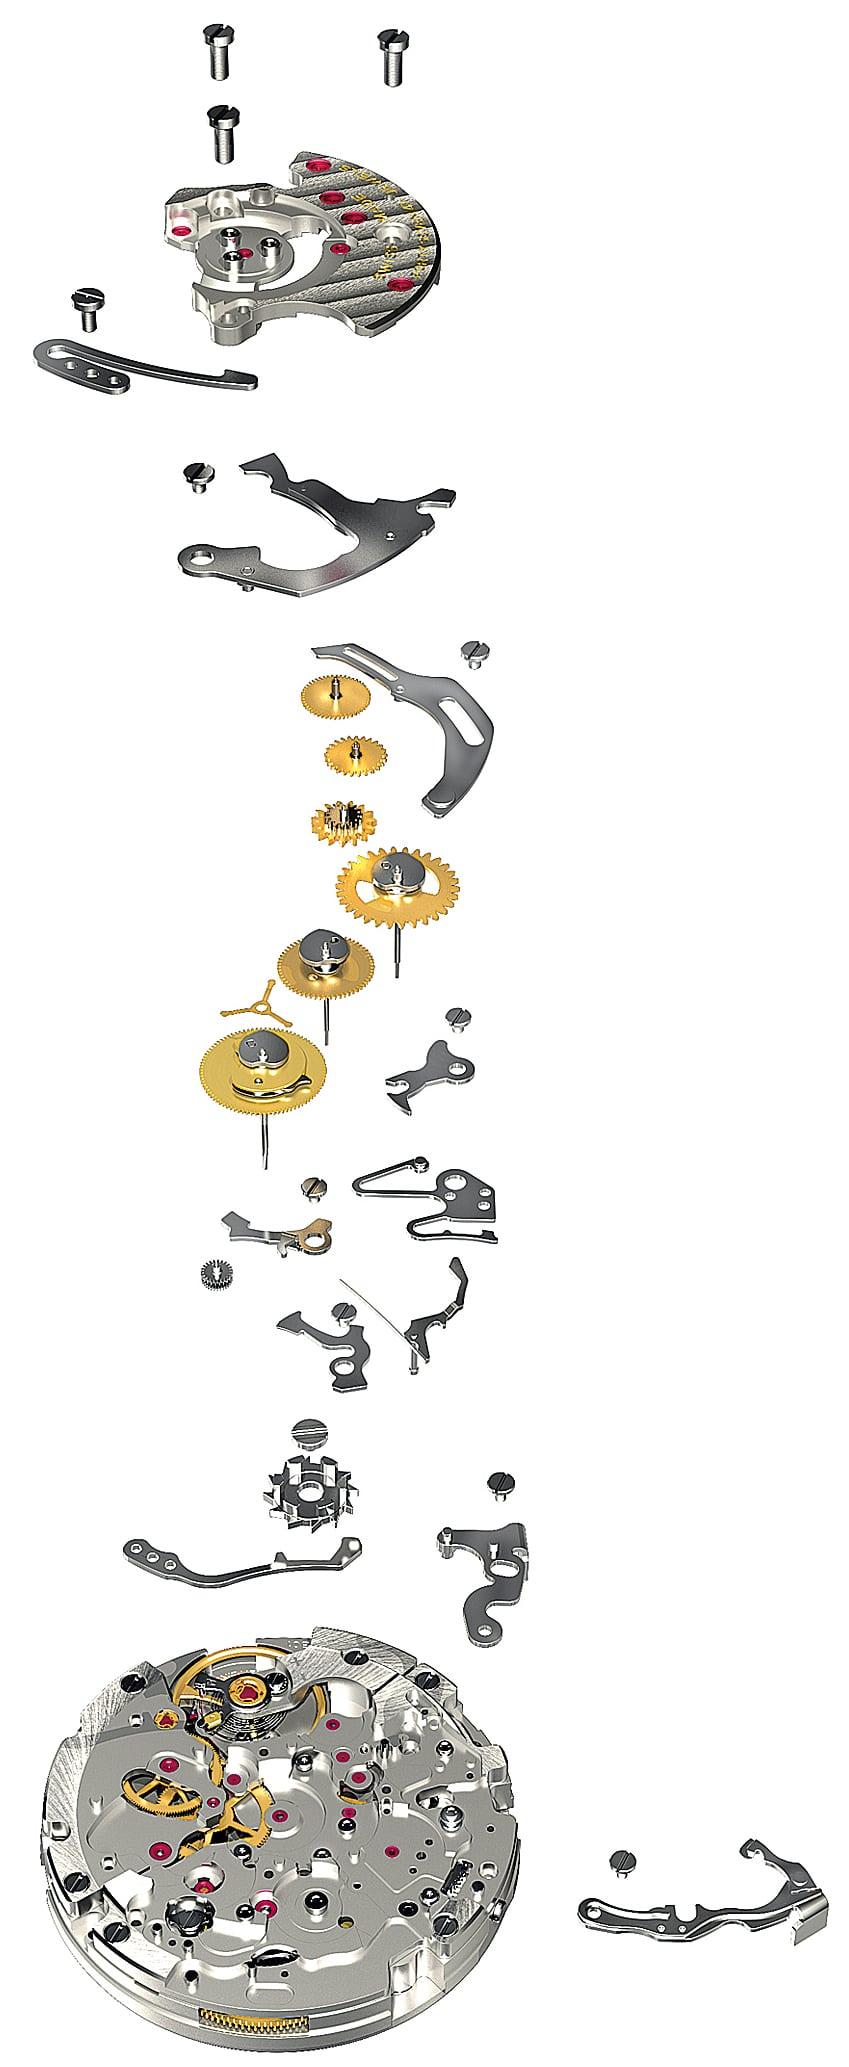 Das erste eigene Werk: Breitlings Chronographenkaliber 01